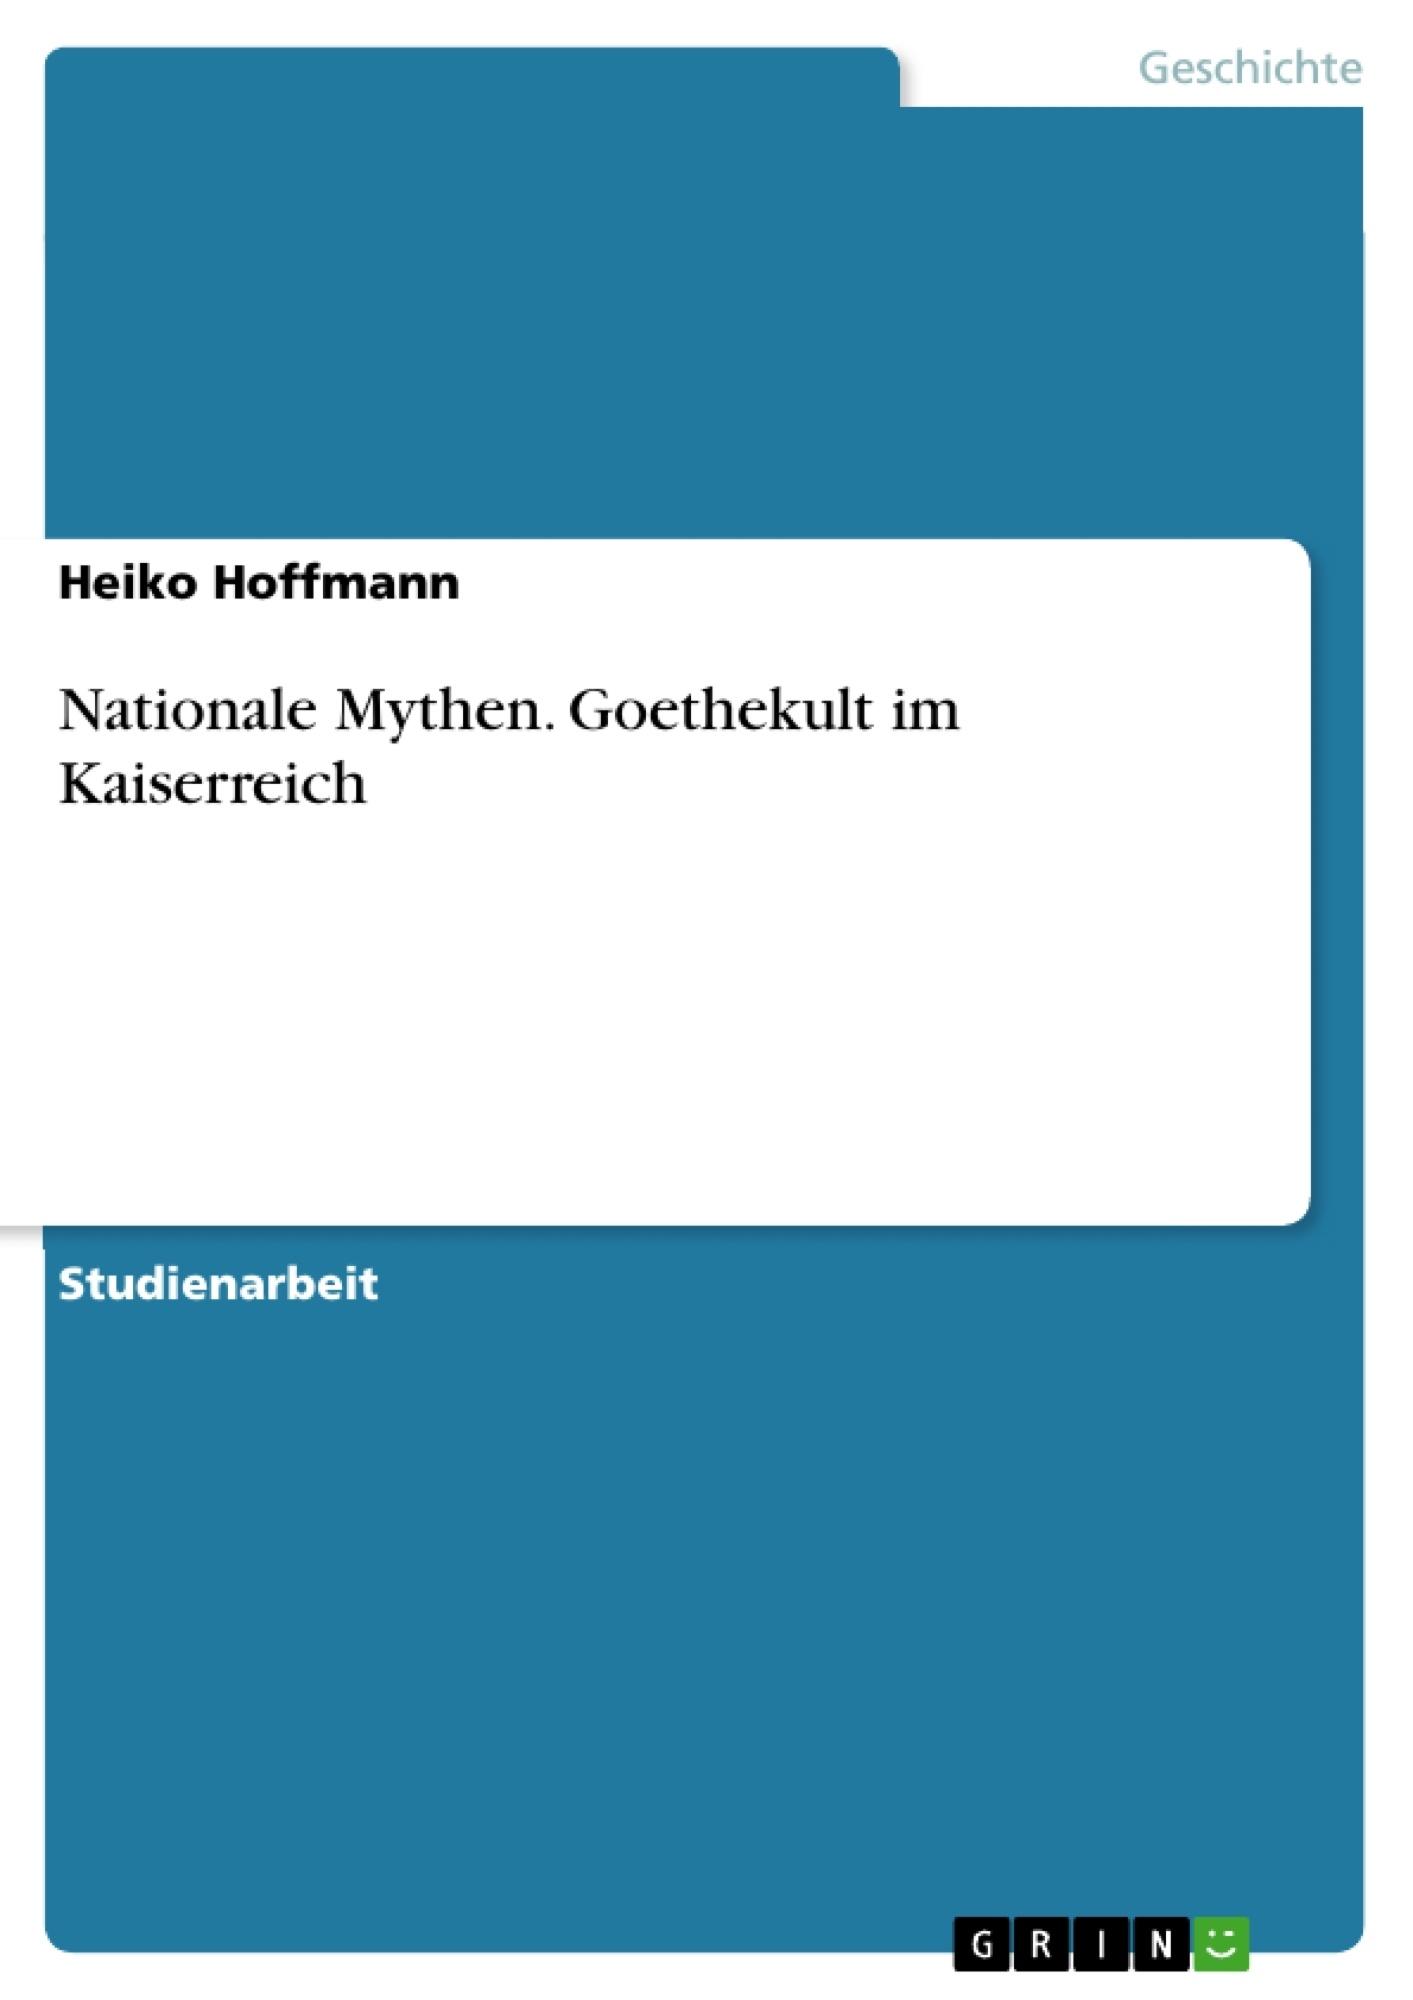 Titel: Nationale Mythen. Goethekult im Kaiserreich